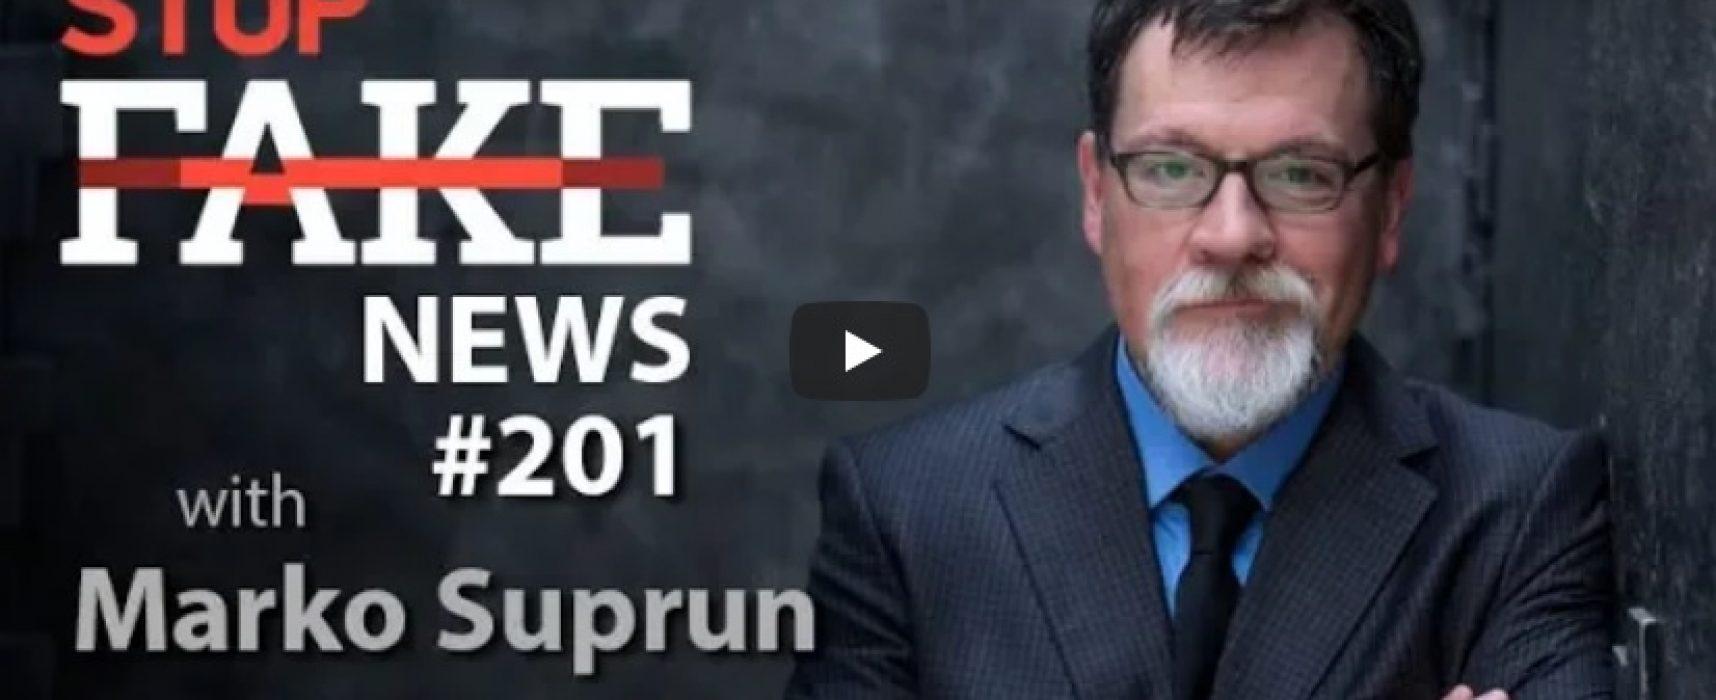 StopFake #201 [ENG] with Marko Suprun